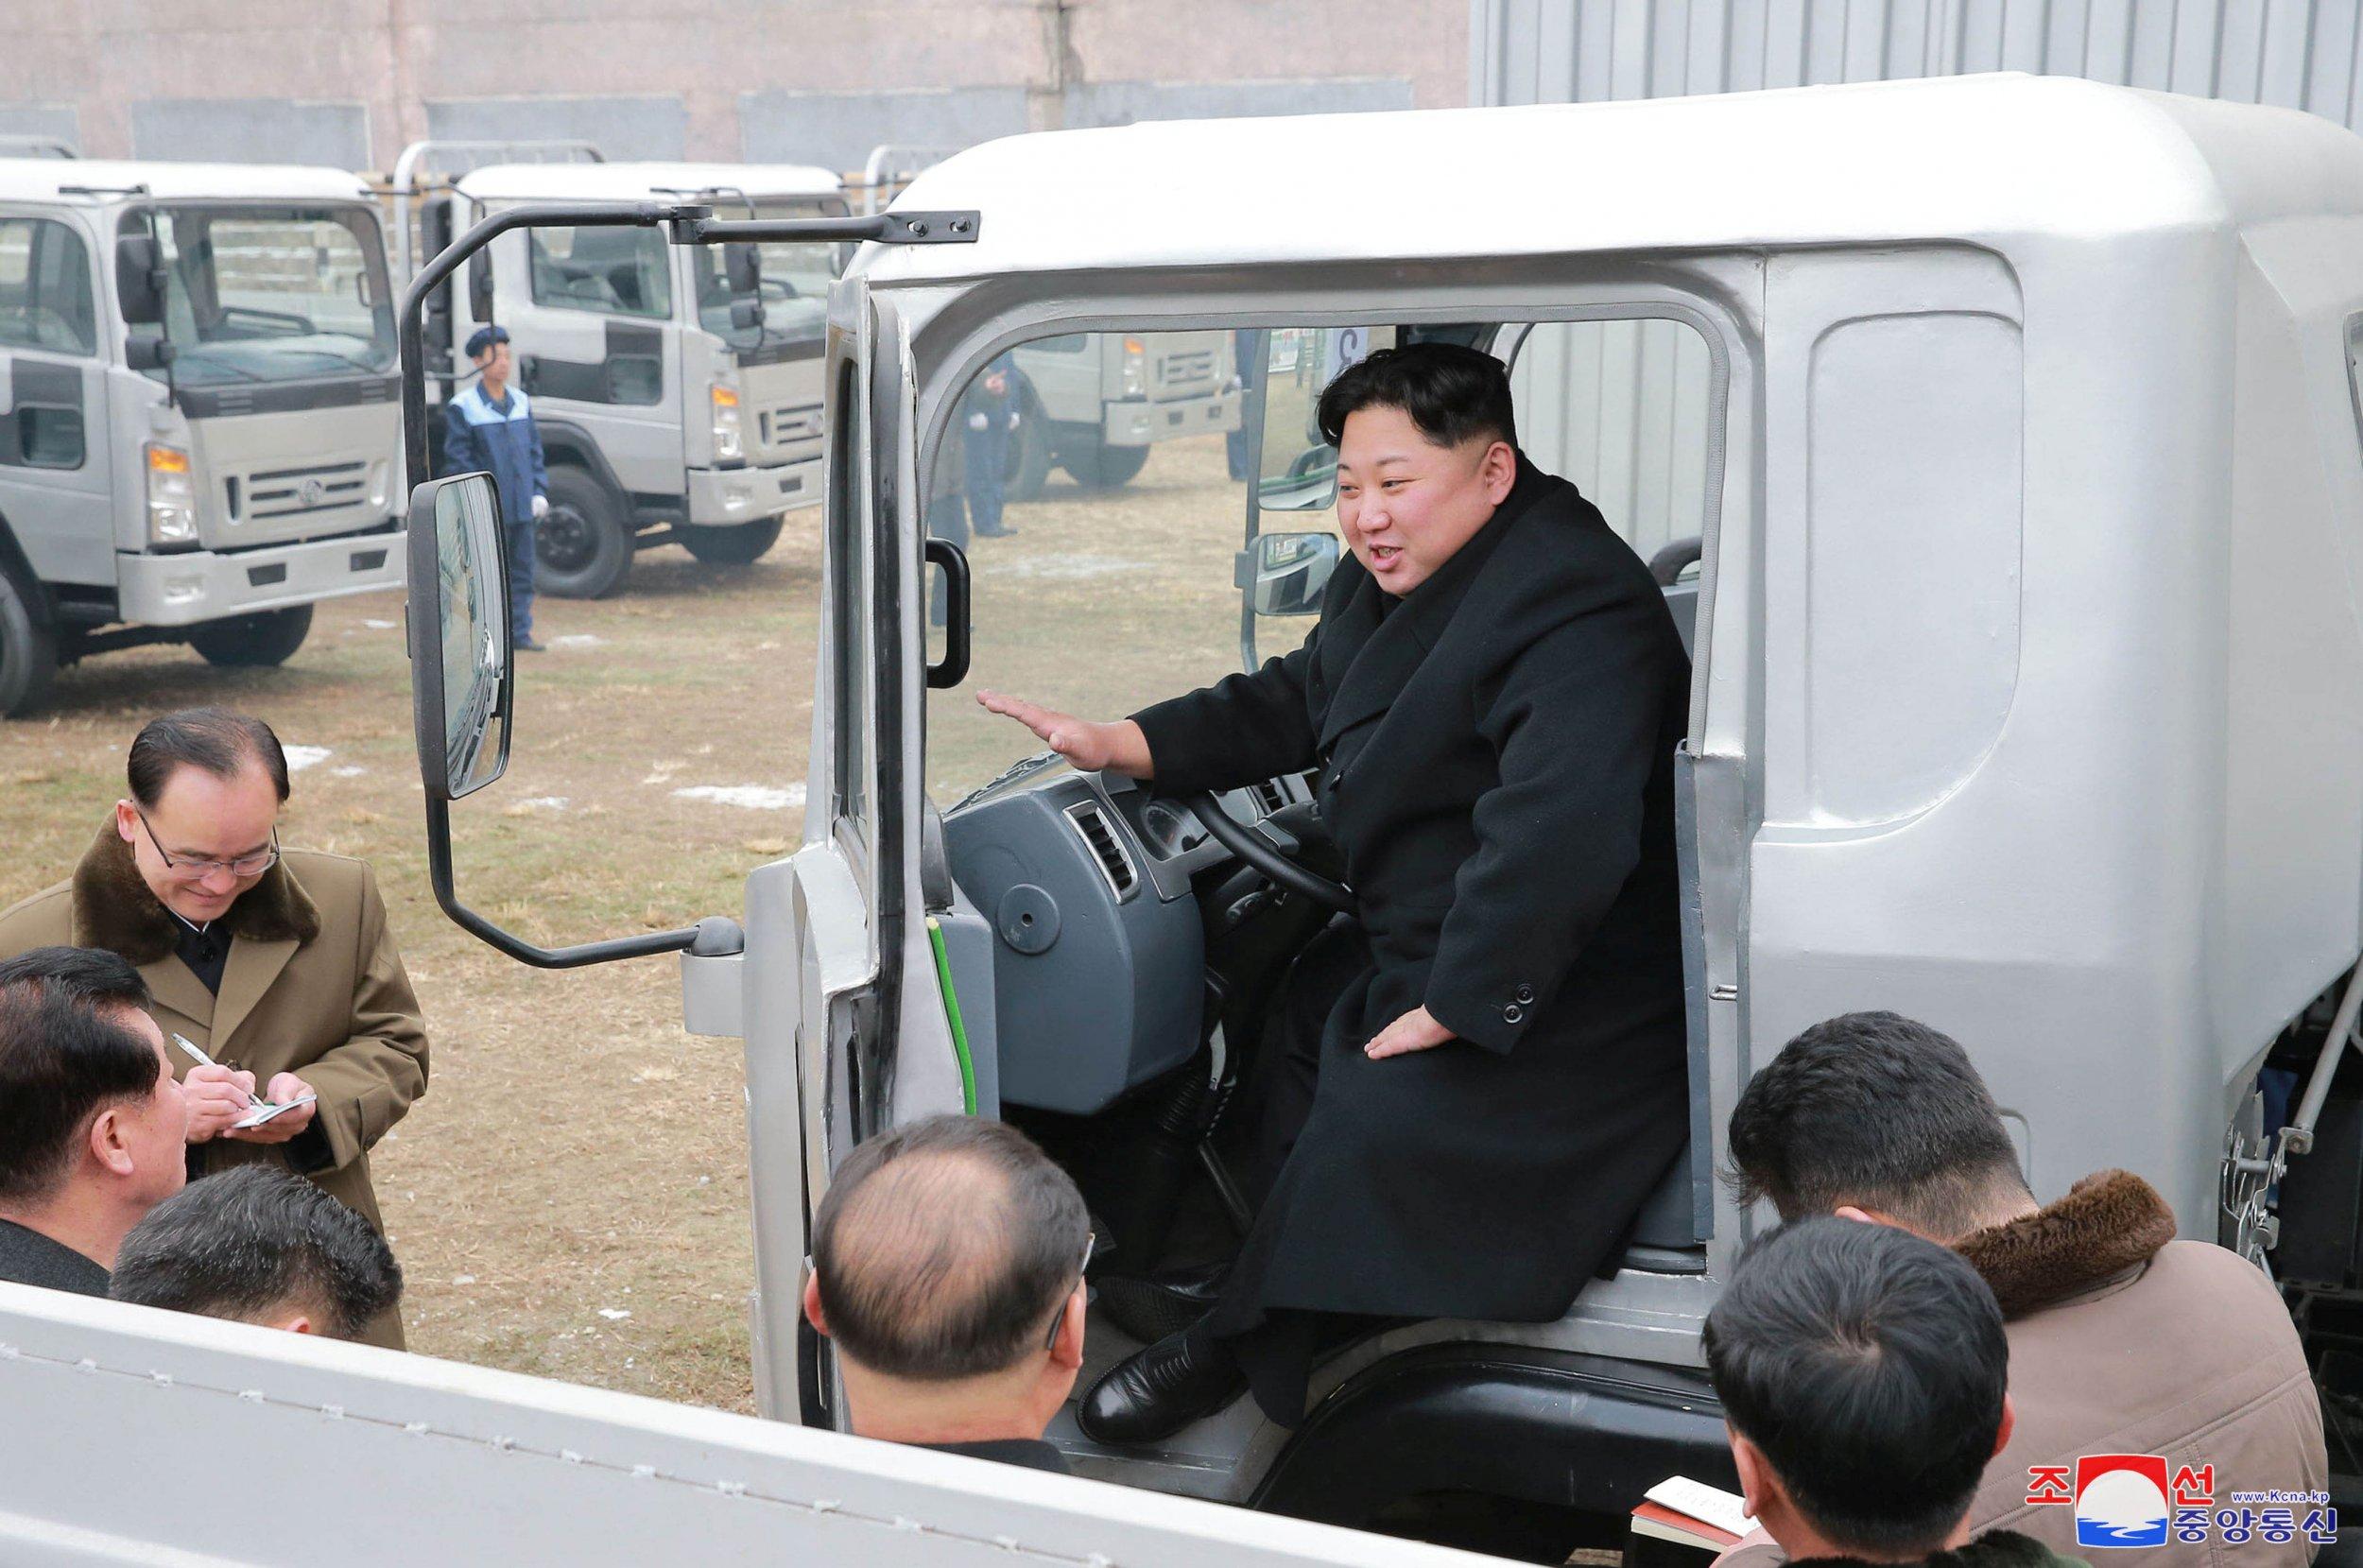 11_21_Kim Jong Un_Truck